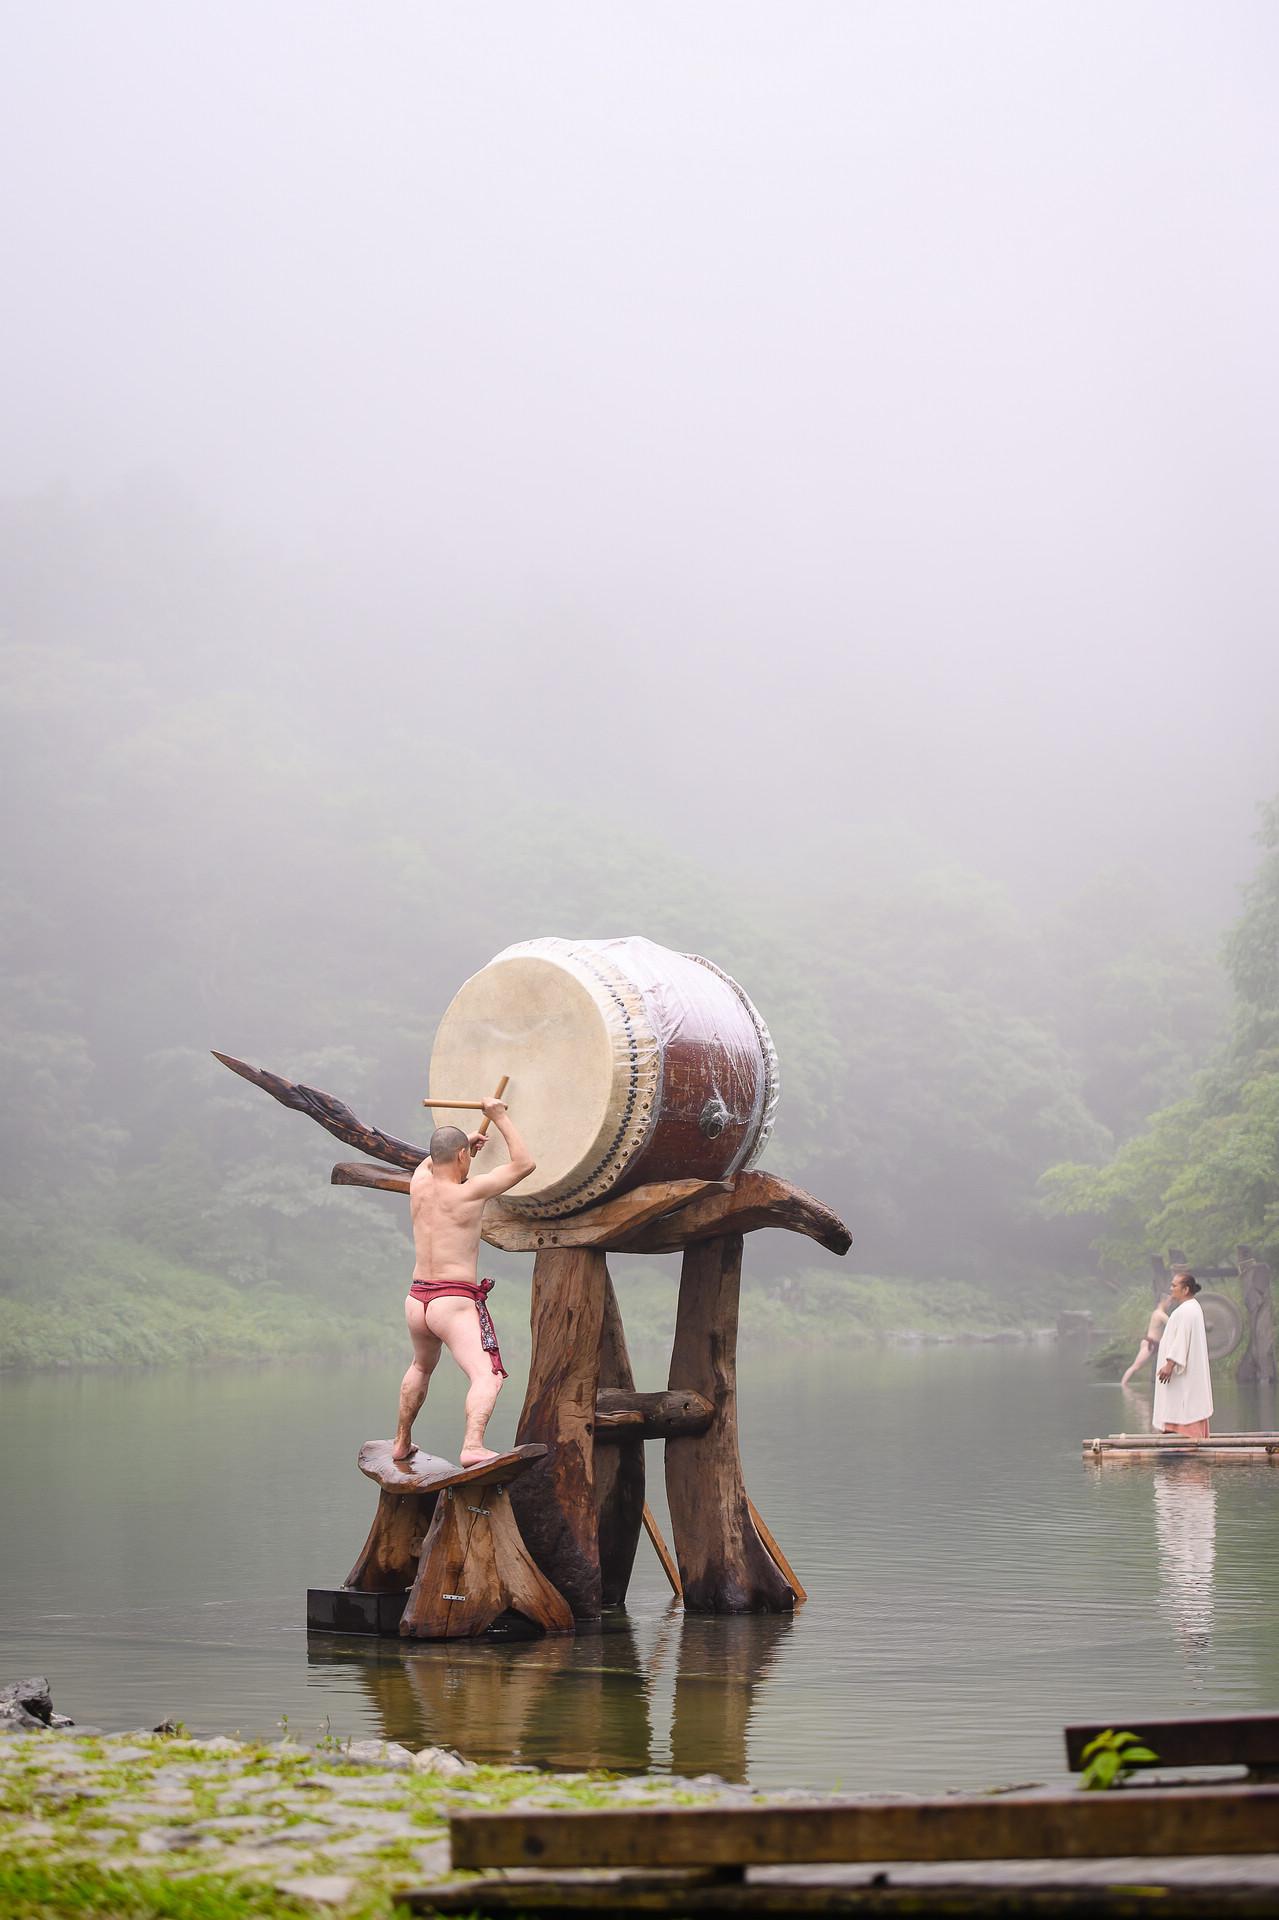 [活動攝影]優人神鼓明池水劇場-活動攝影